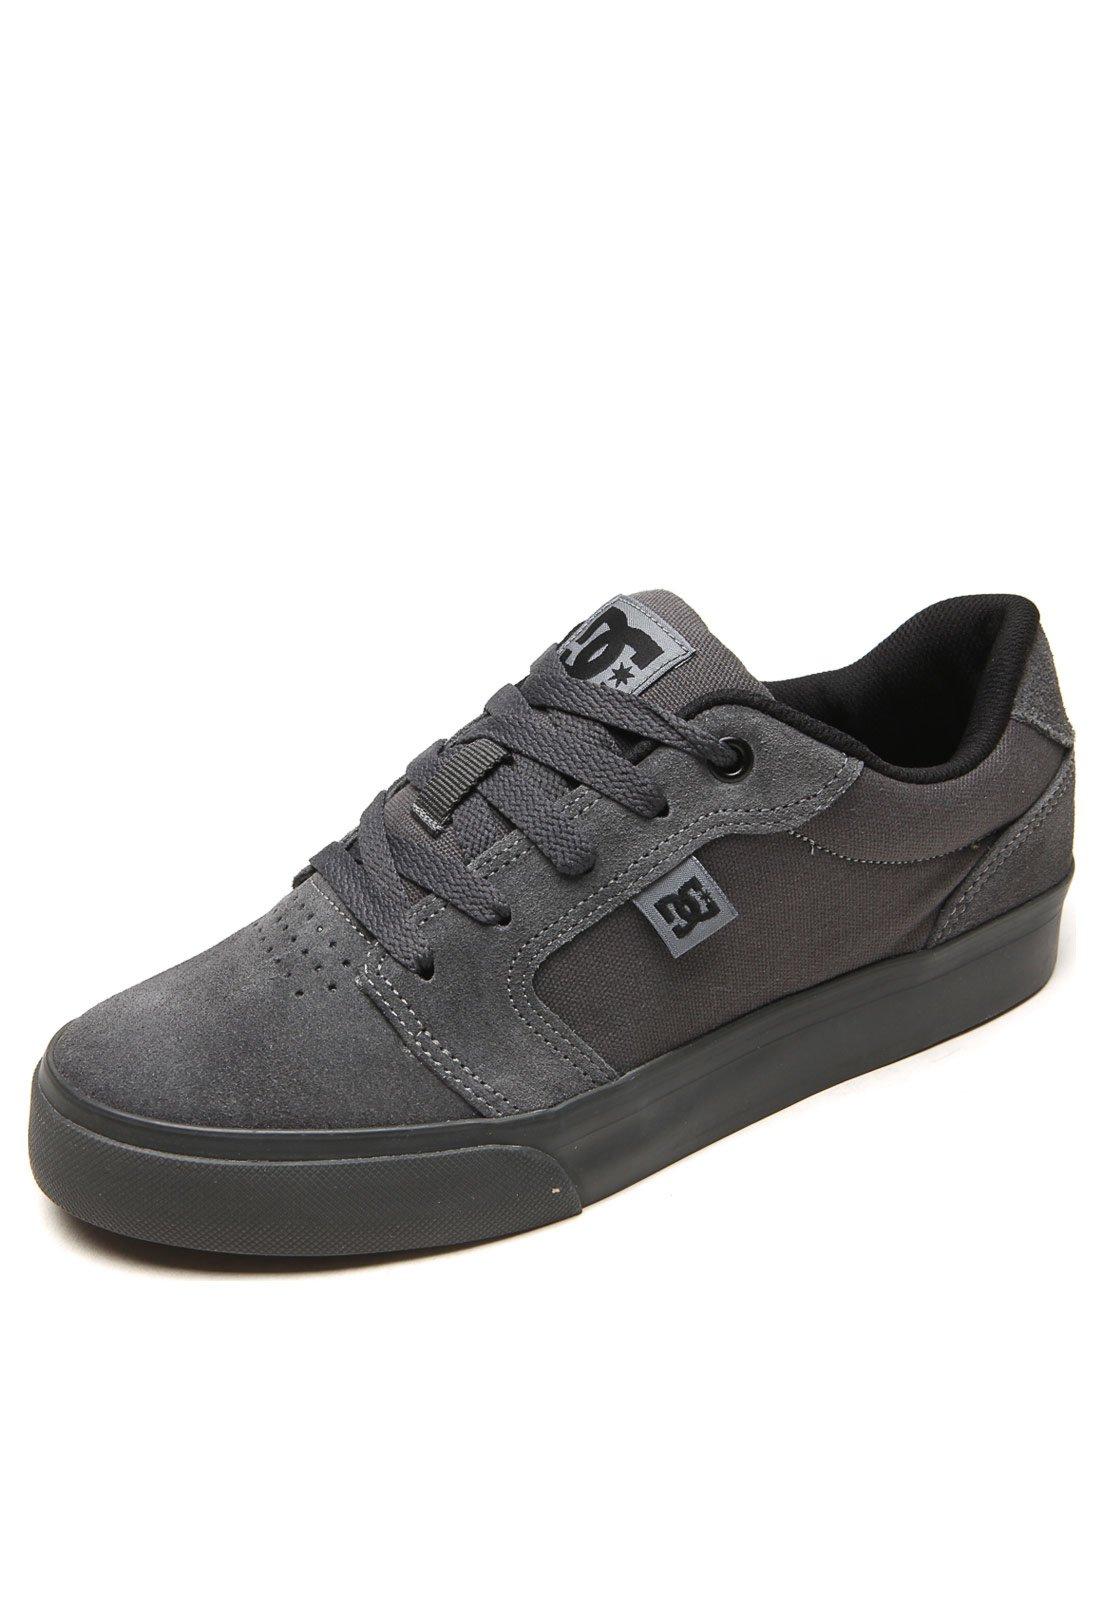 Tênis DC Shoes Anvil LA Cinza - Compre Agora  ed3766643fcc2